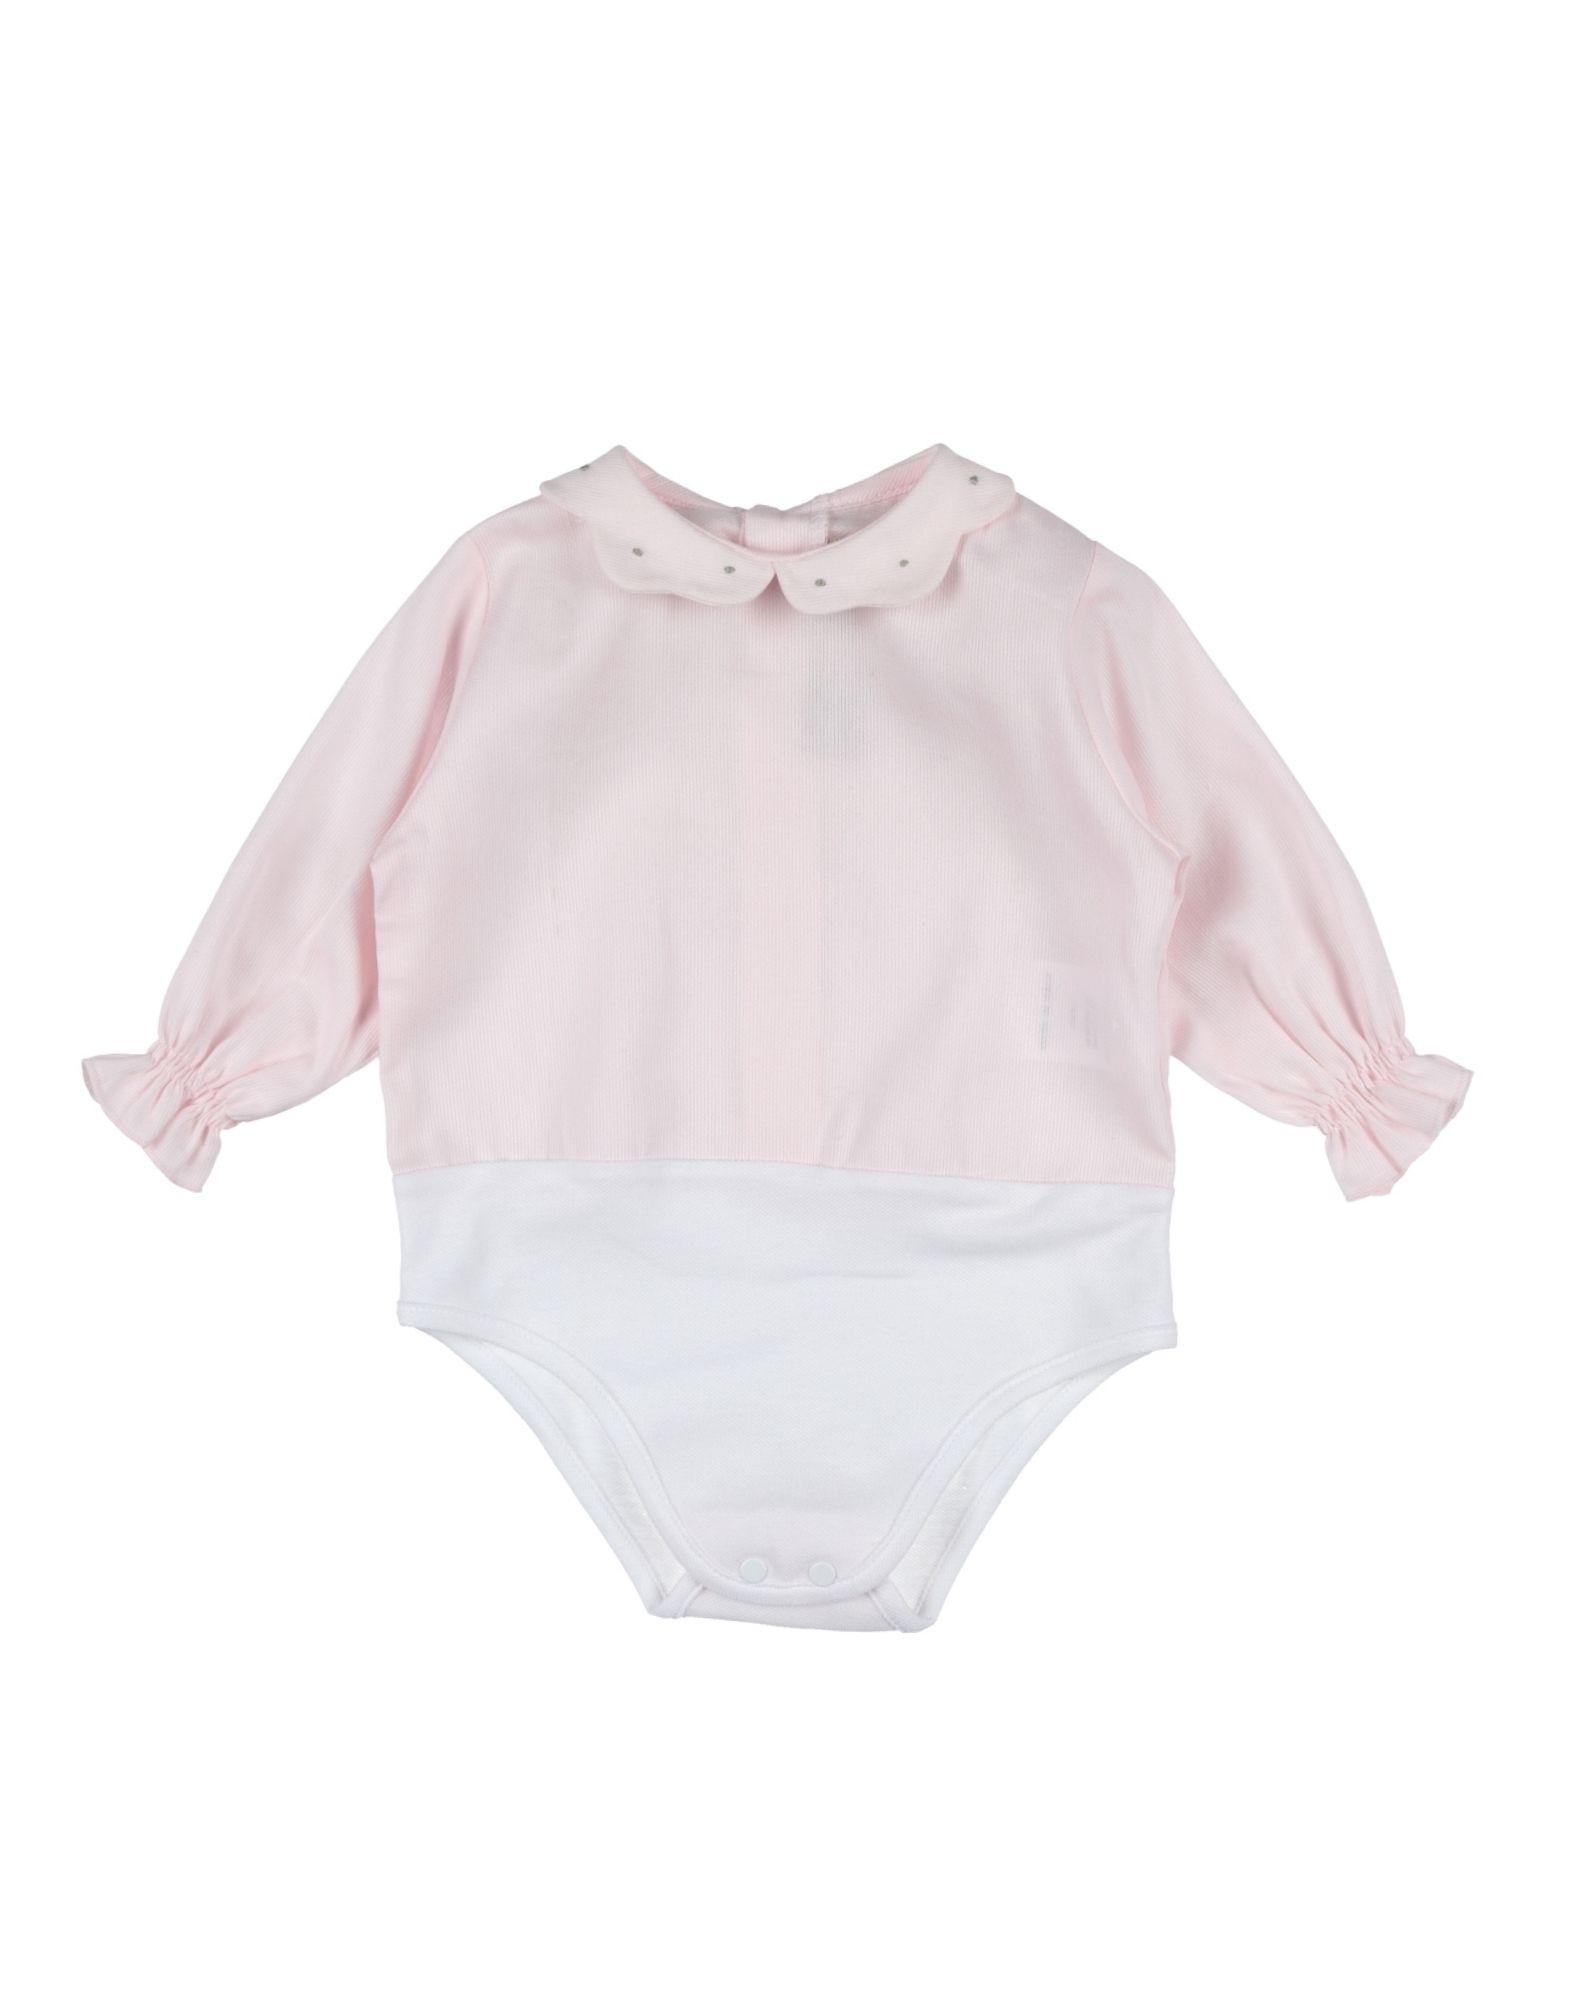 LA STUPENDERIA Romper in Pink